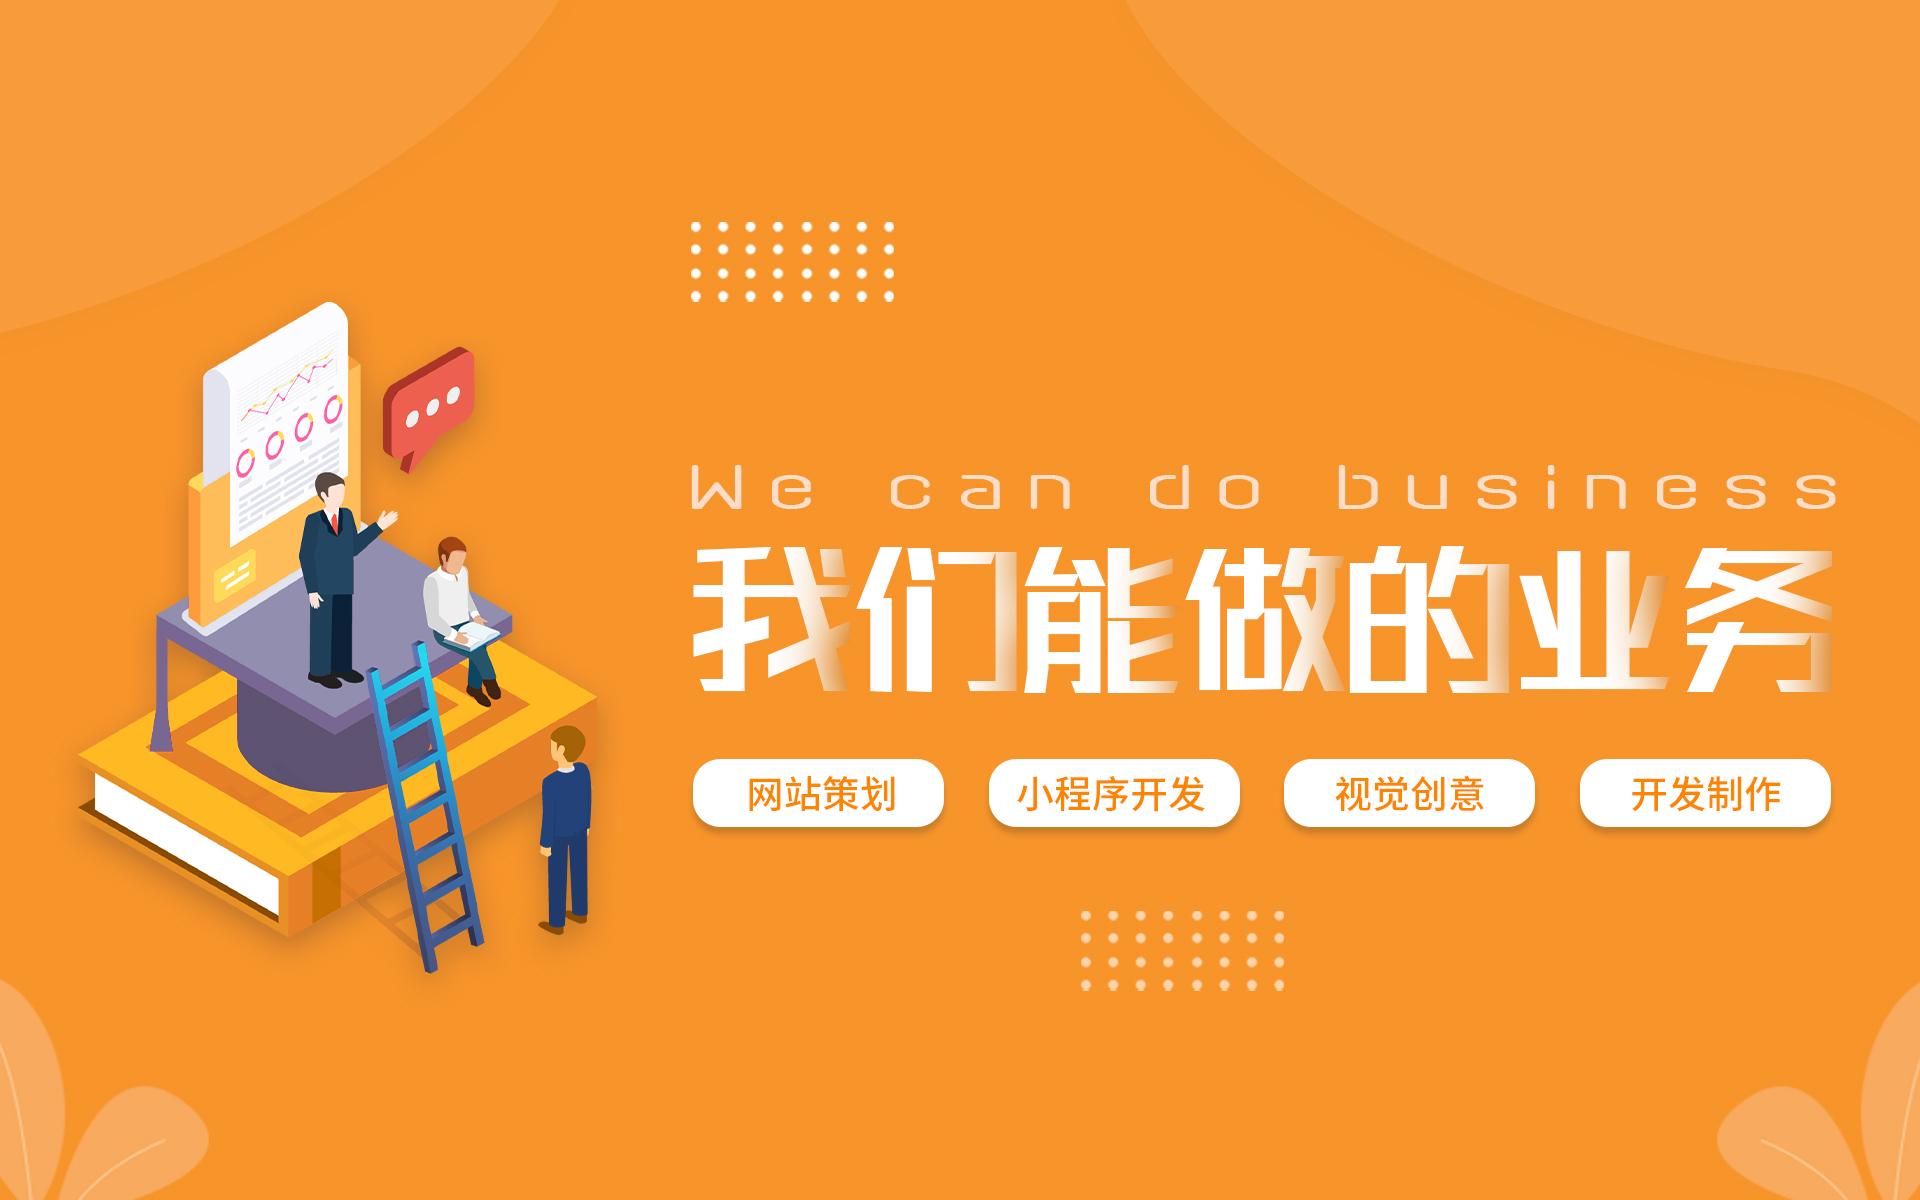 企业官网开发/营销型网站/电商O2O网站/模板网站/定制开发